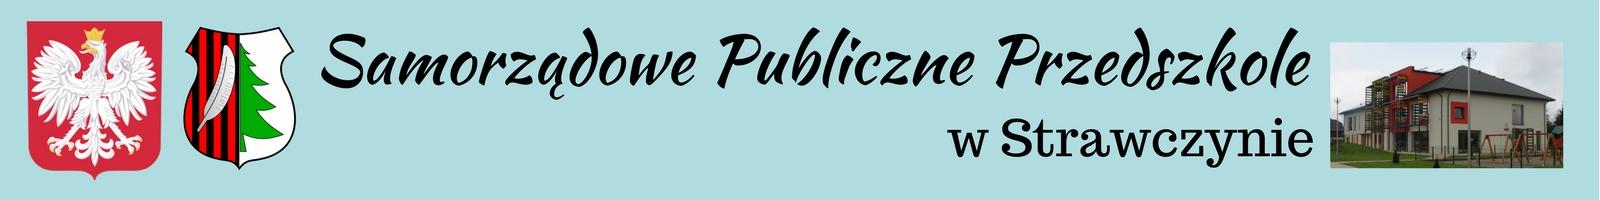 Samorządowe Publiczne Przedszkole w Strawczynie